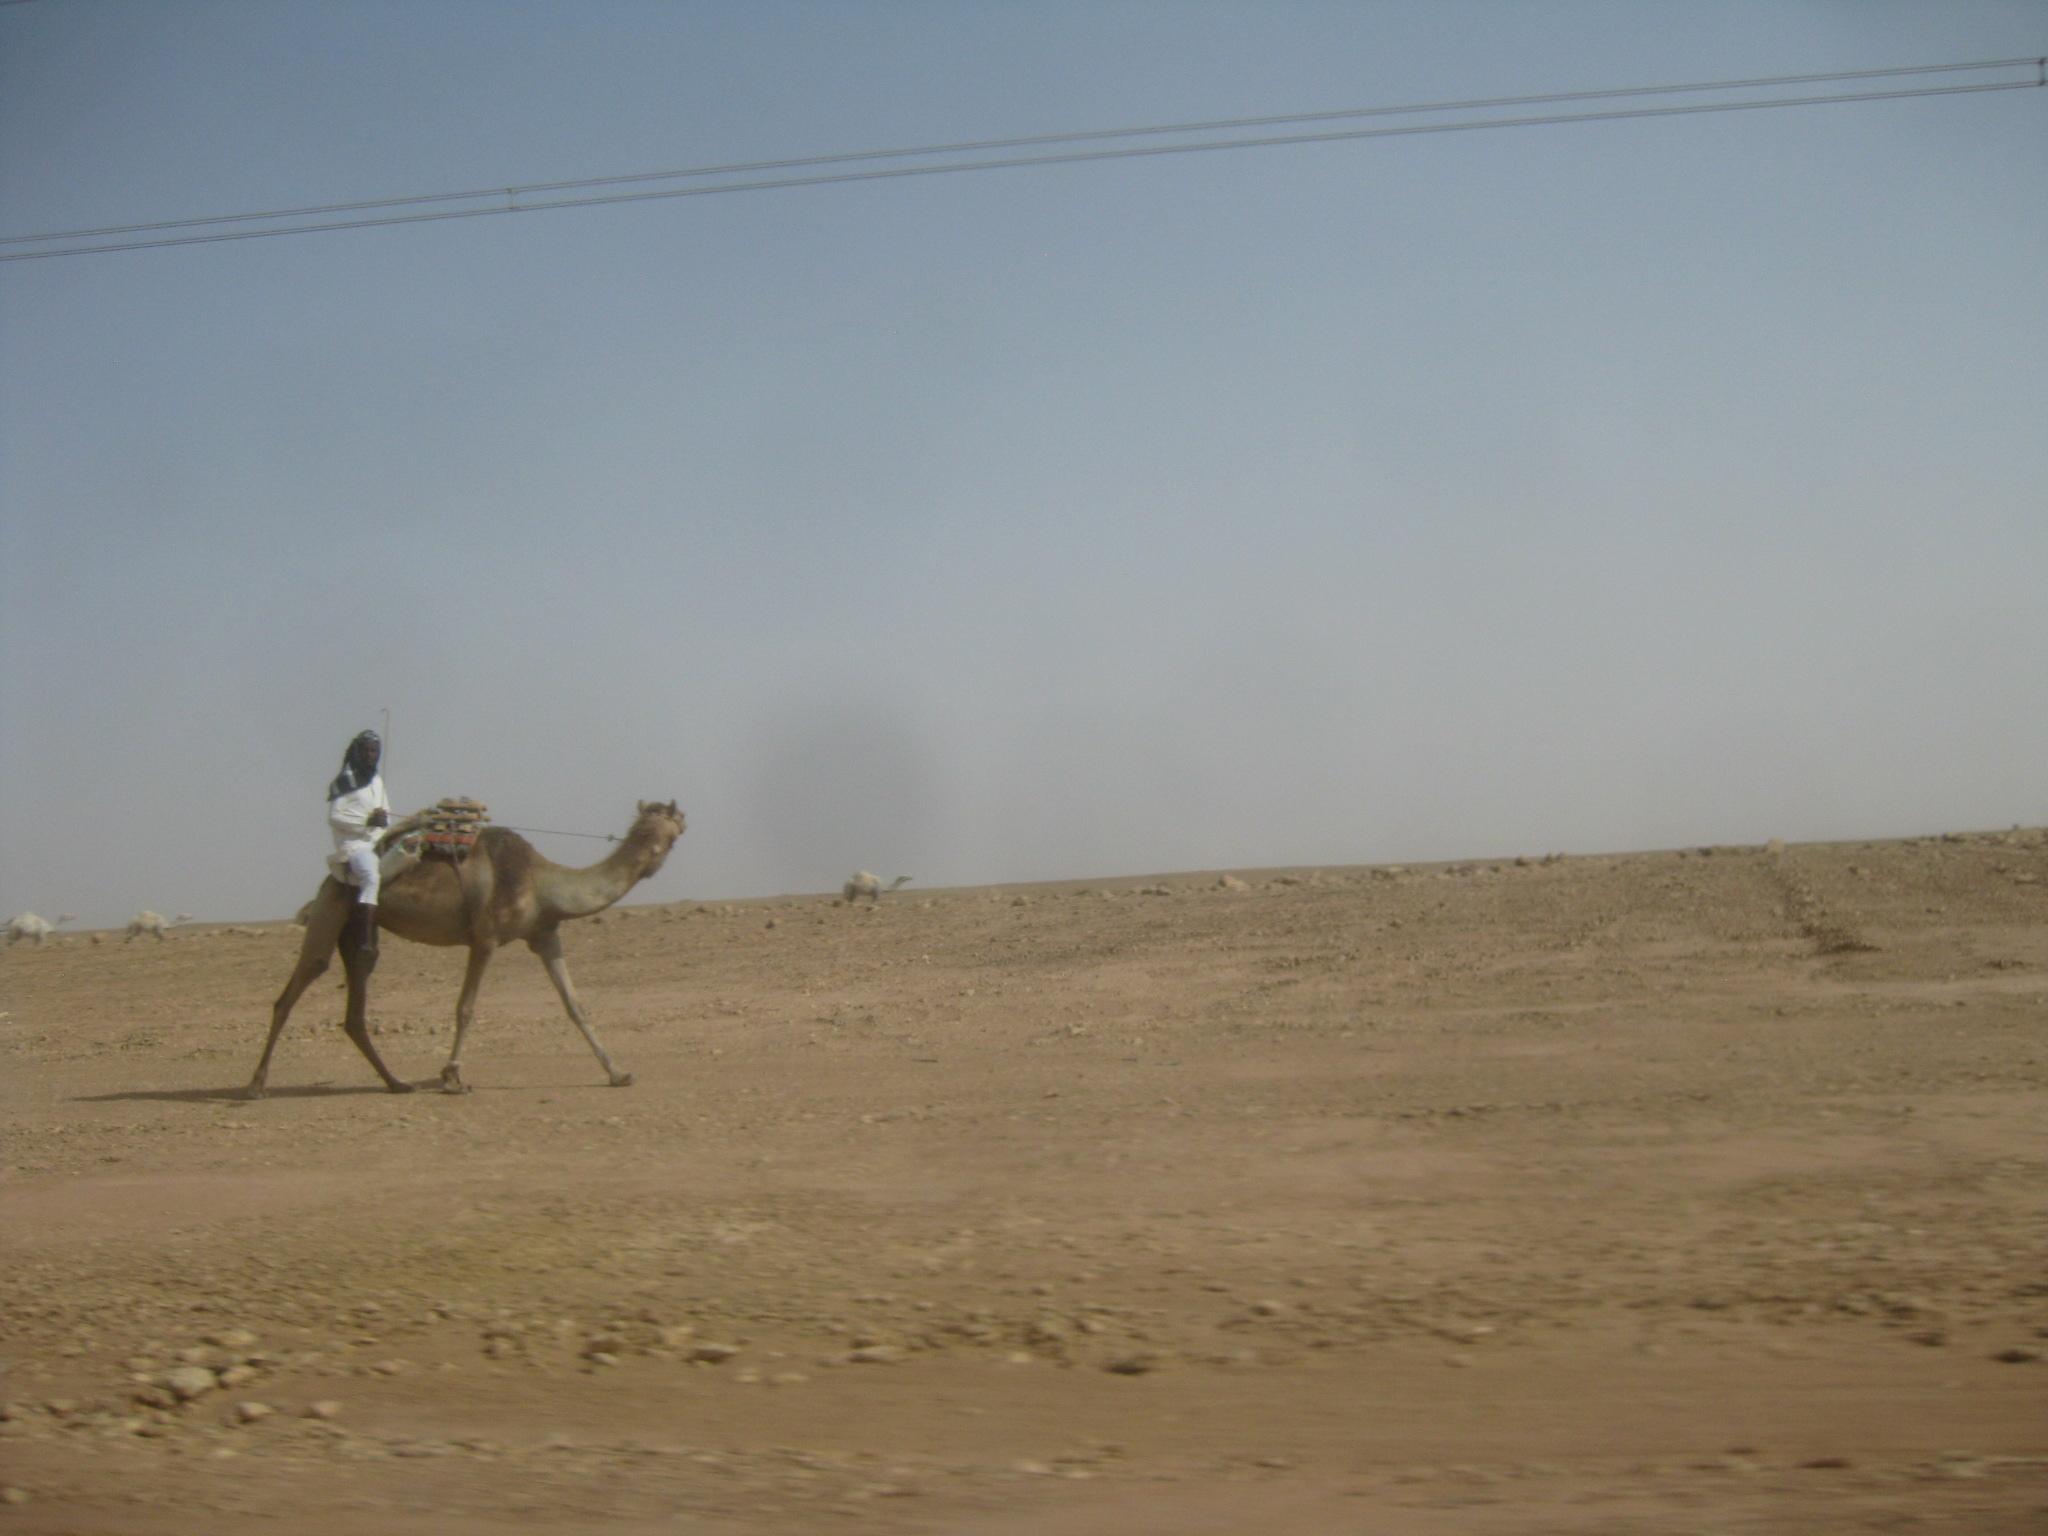 A local camel shepherd near Riyadh in Saudi